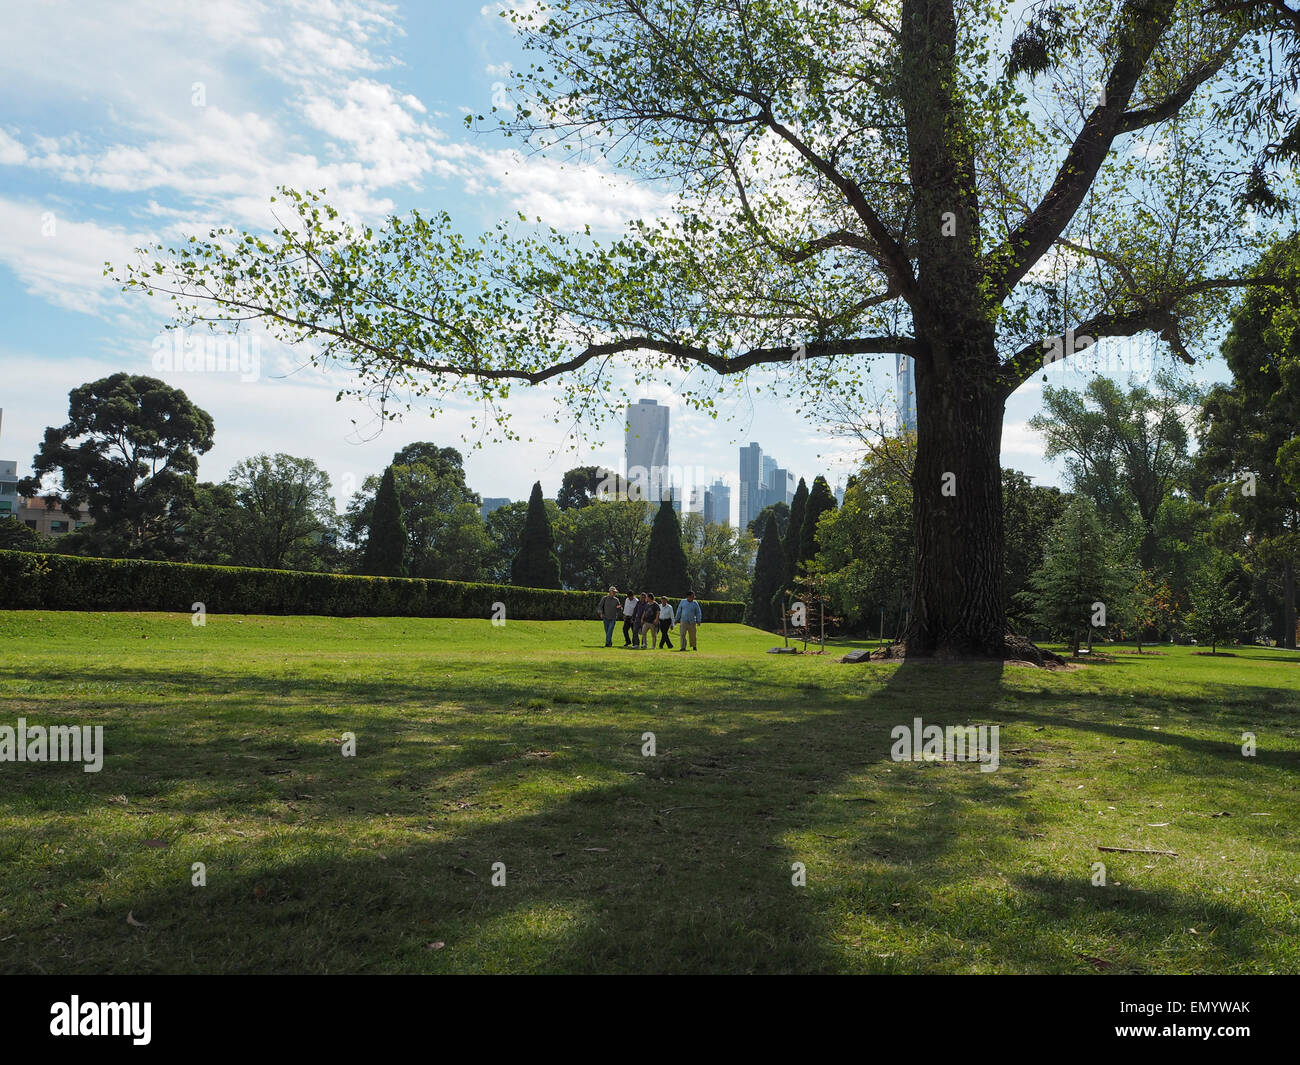 Shrine of Remembrance, Melbourne, Victoria, Australia - Stock Image